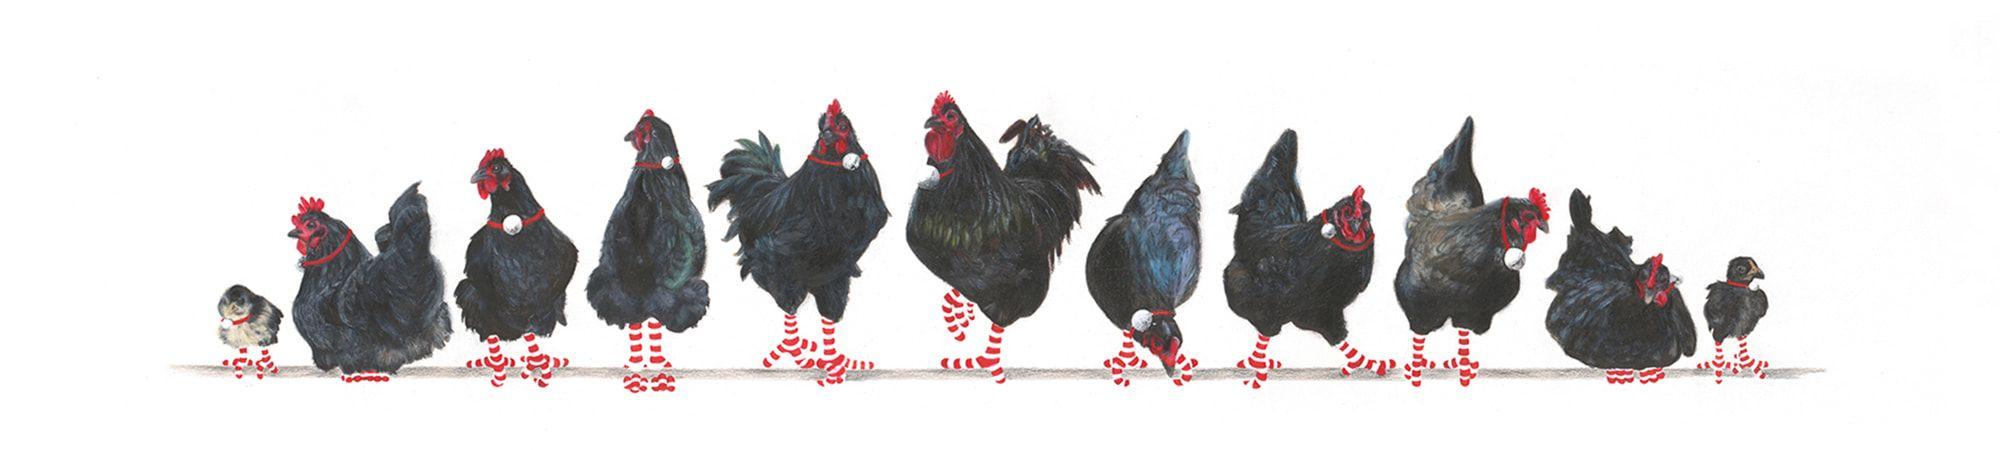 11-Australorps-Banner-2-Christmas-2020